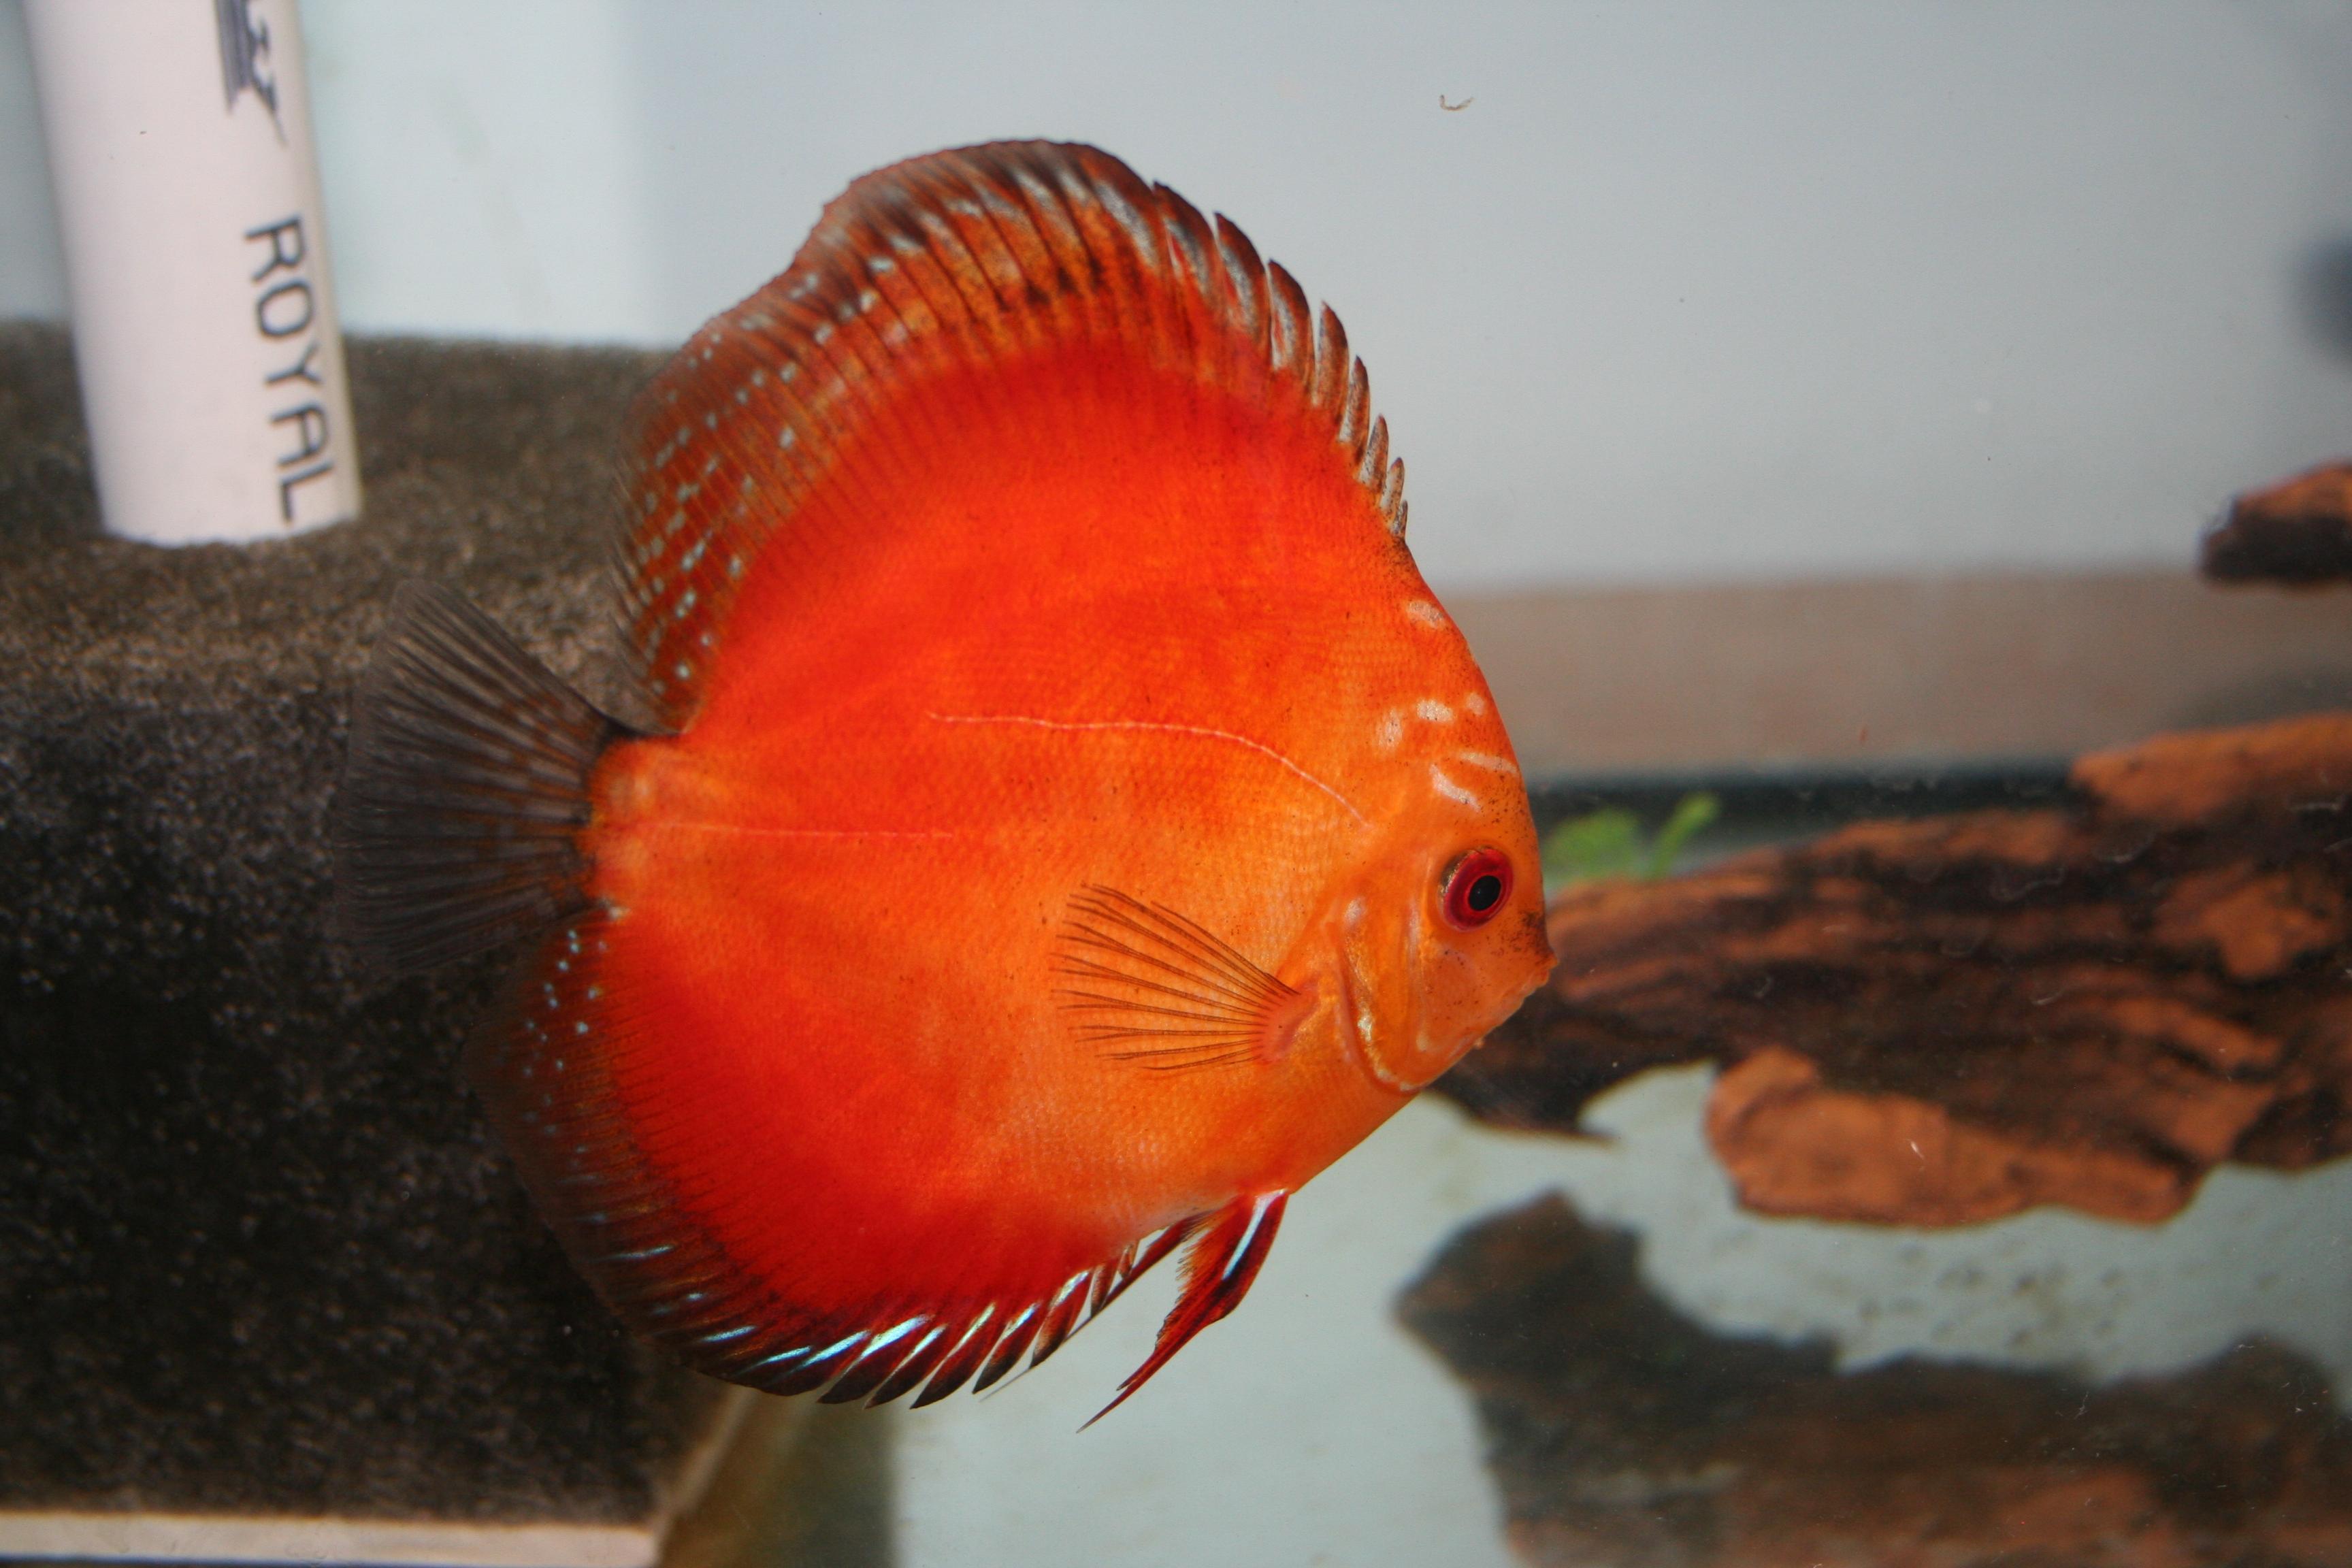 cichlids.com: Marlboro Red Discus